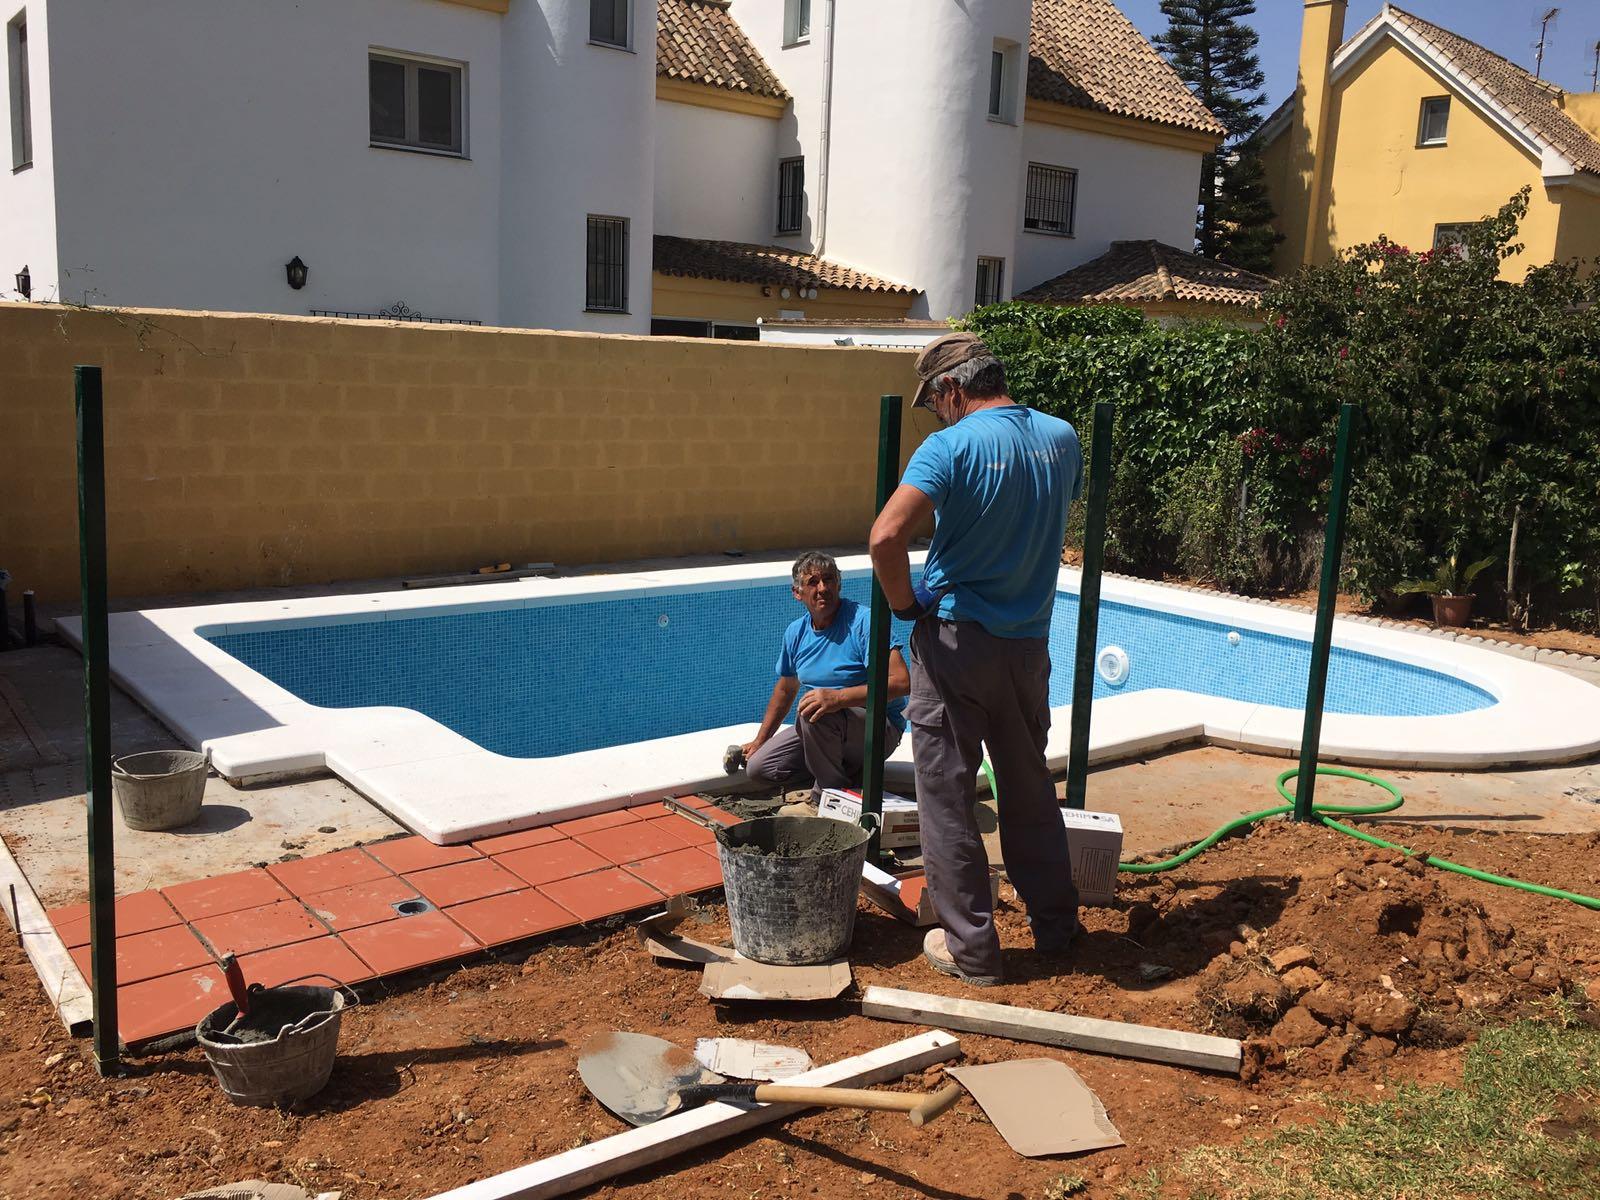 Nueva piscina en el puerto de santa mar a for Piscina municipal el puerto de santa maria